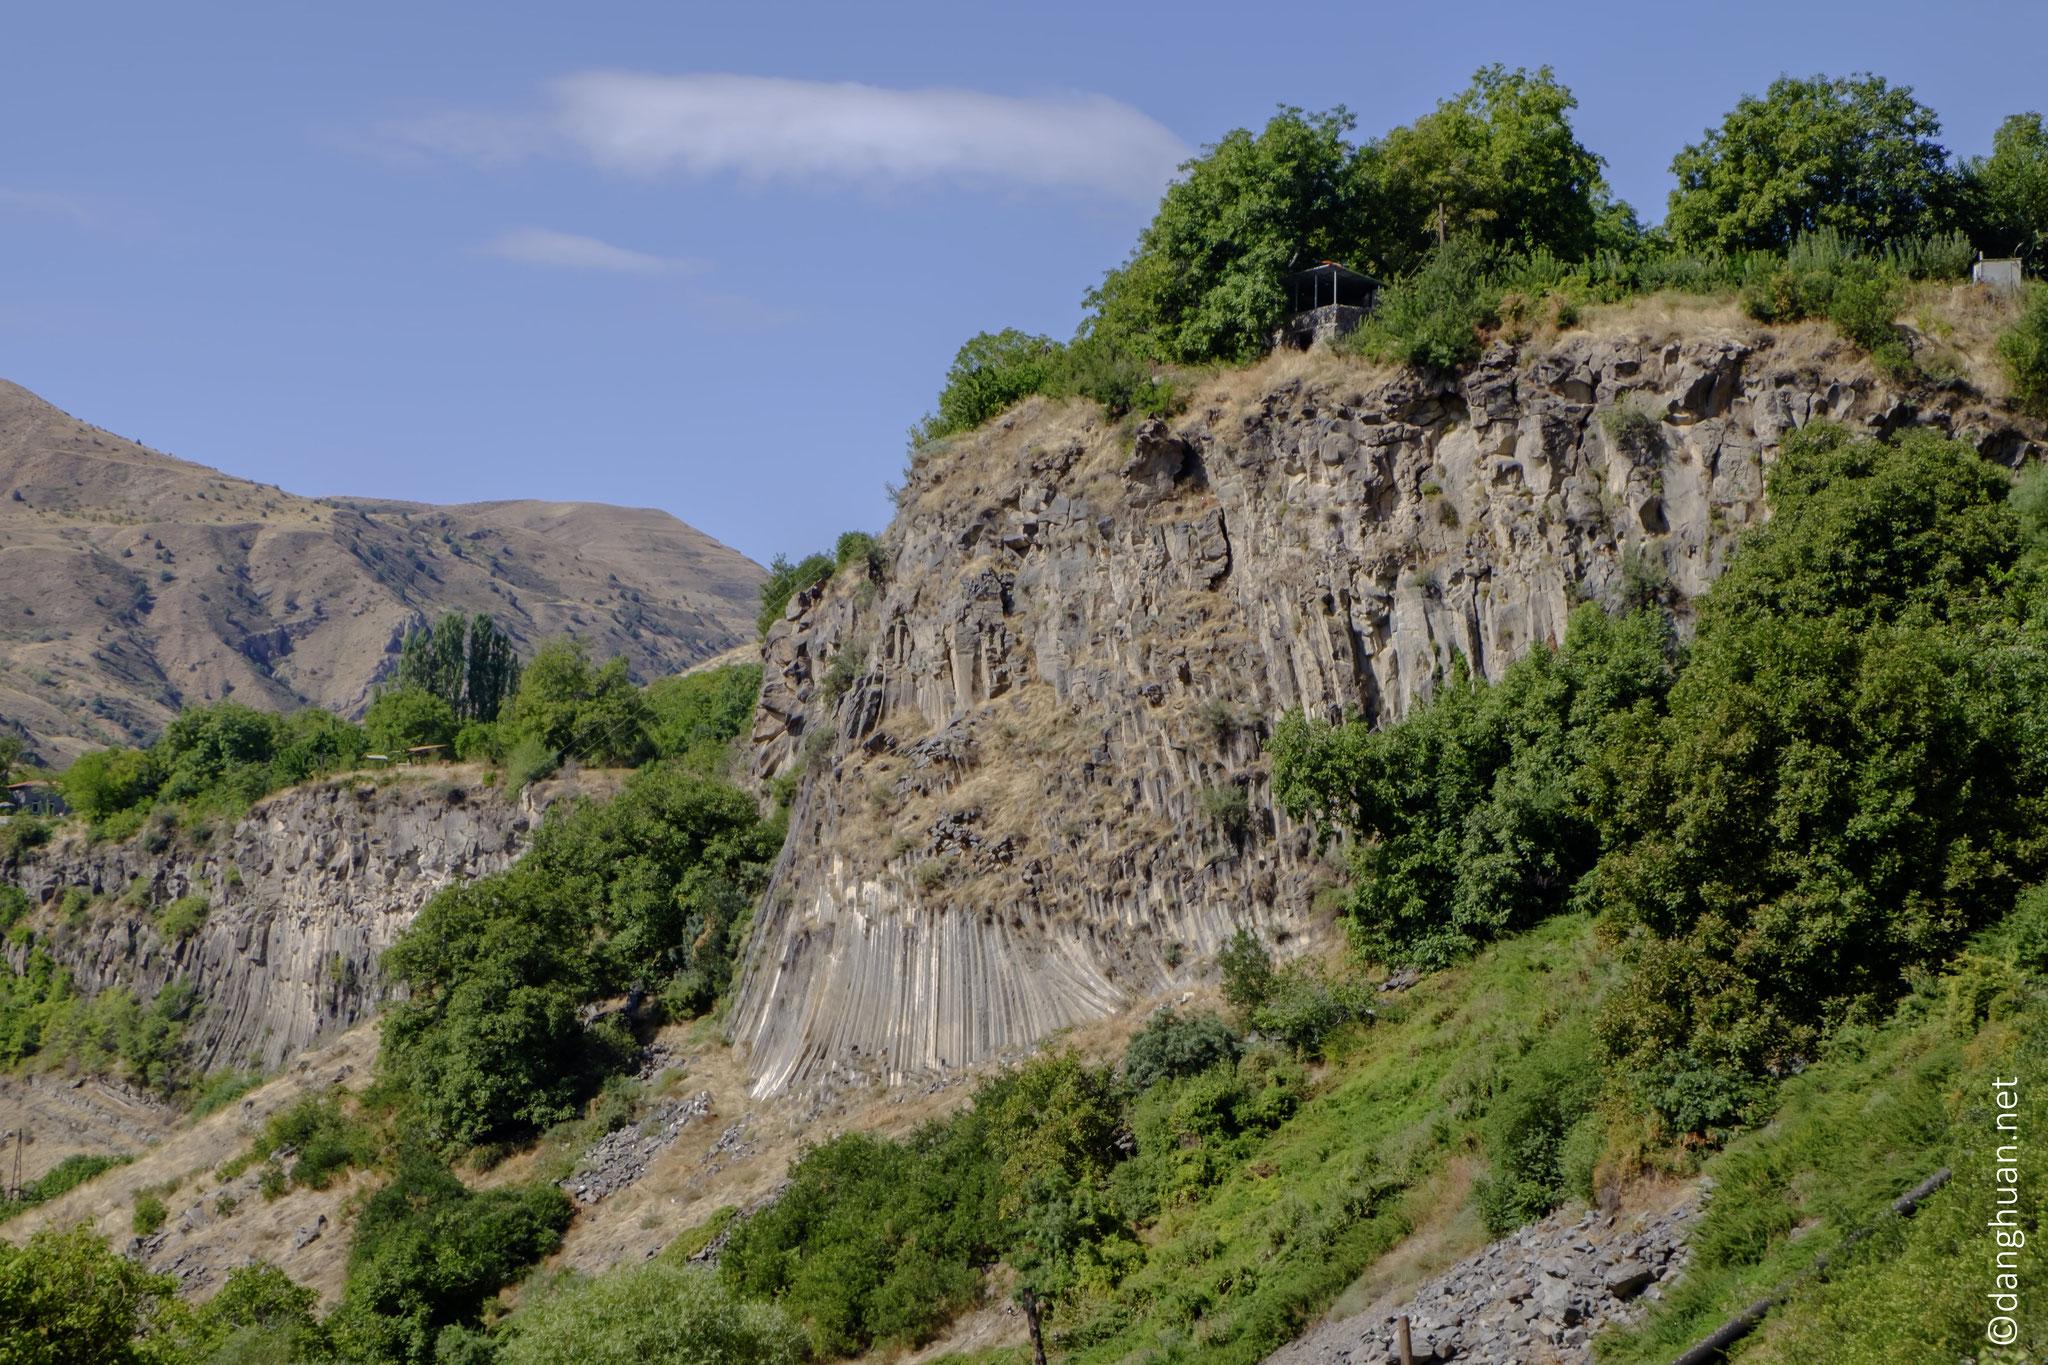 Paysages typiques des hauts plateaux arméniens